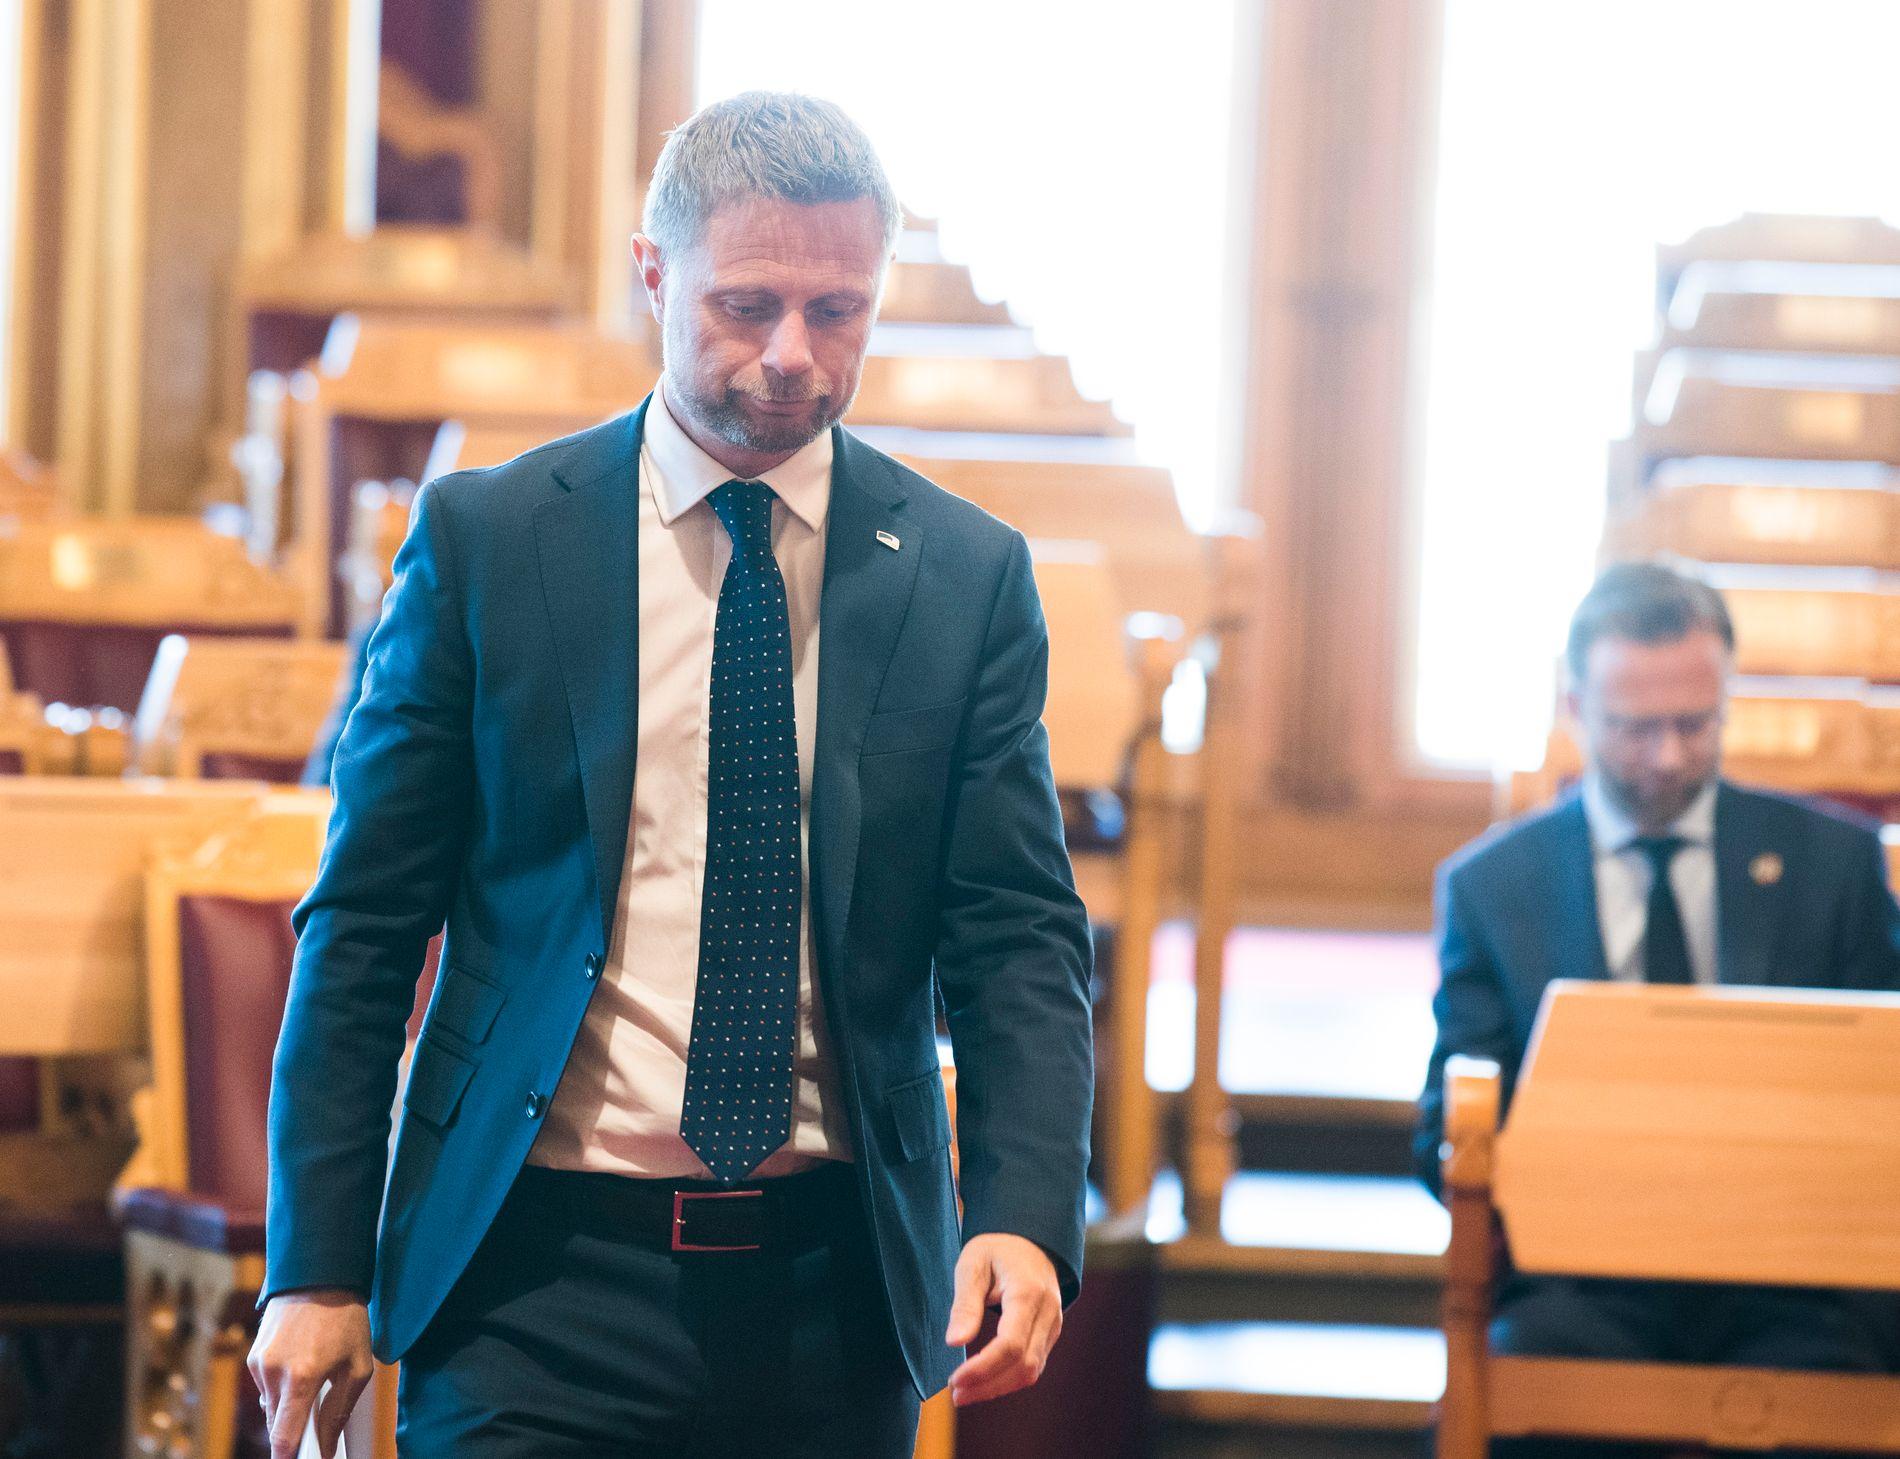 MÅTTE SVARE: Torsdag behandles flere forslag om løsning på luftambulanse-krisen. Helse- og omsorgsminister Bent Høie måtte svare for dagens situasjon.